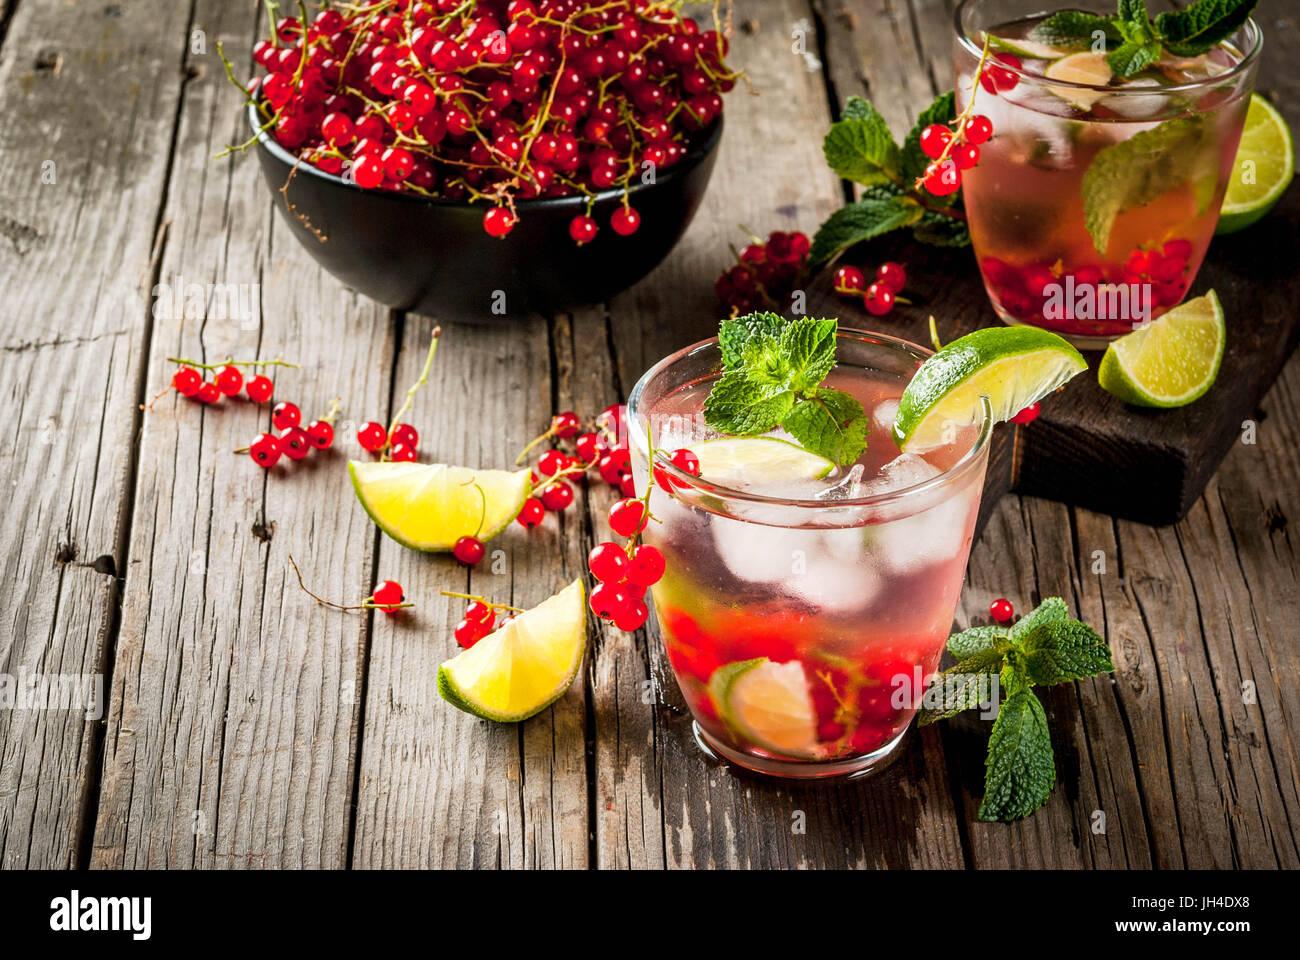 Idées de boissons d'été, des cocktails sains. Le Mojito de lime, menthe et de groseille rouge. Photo Stock